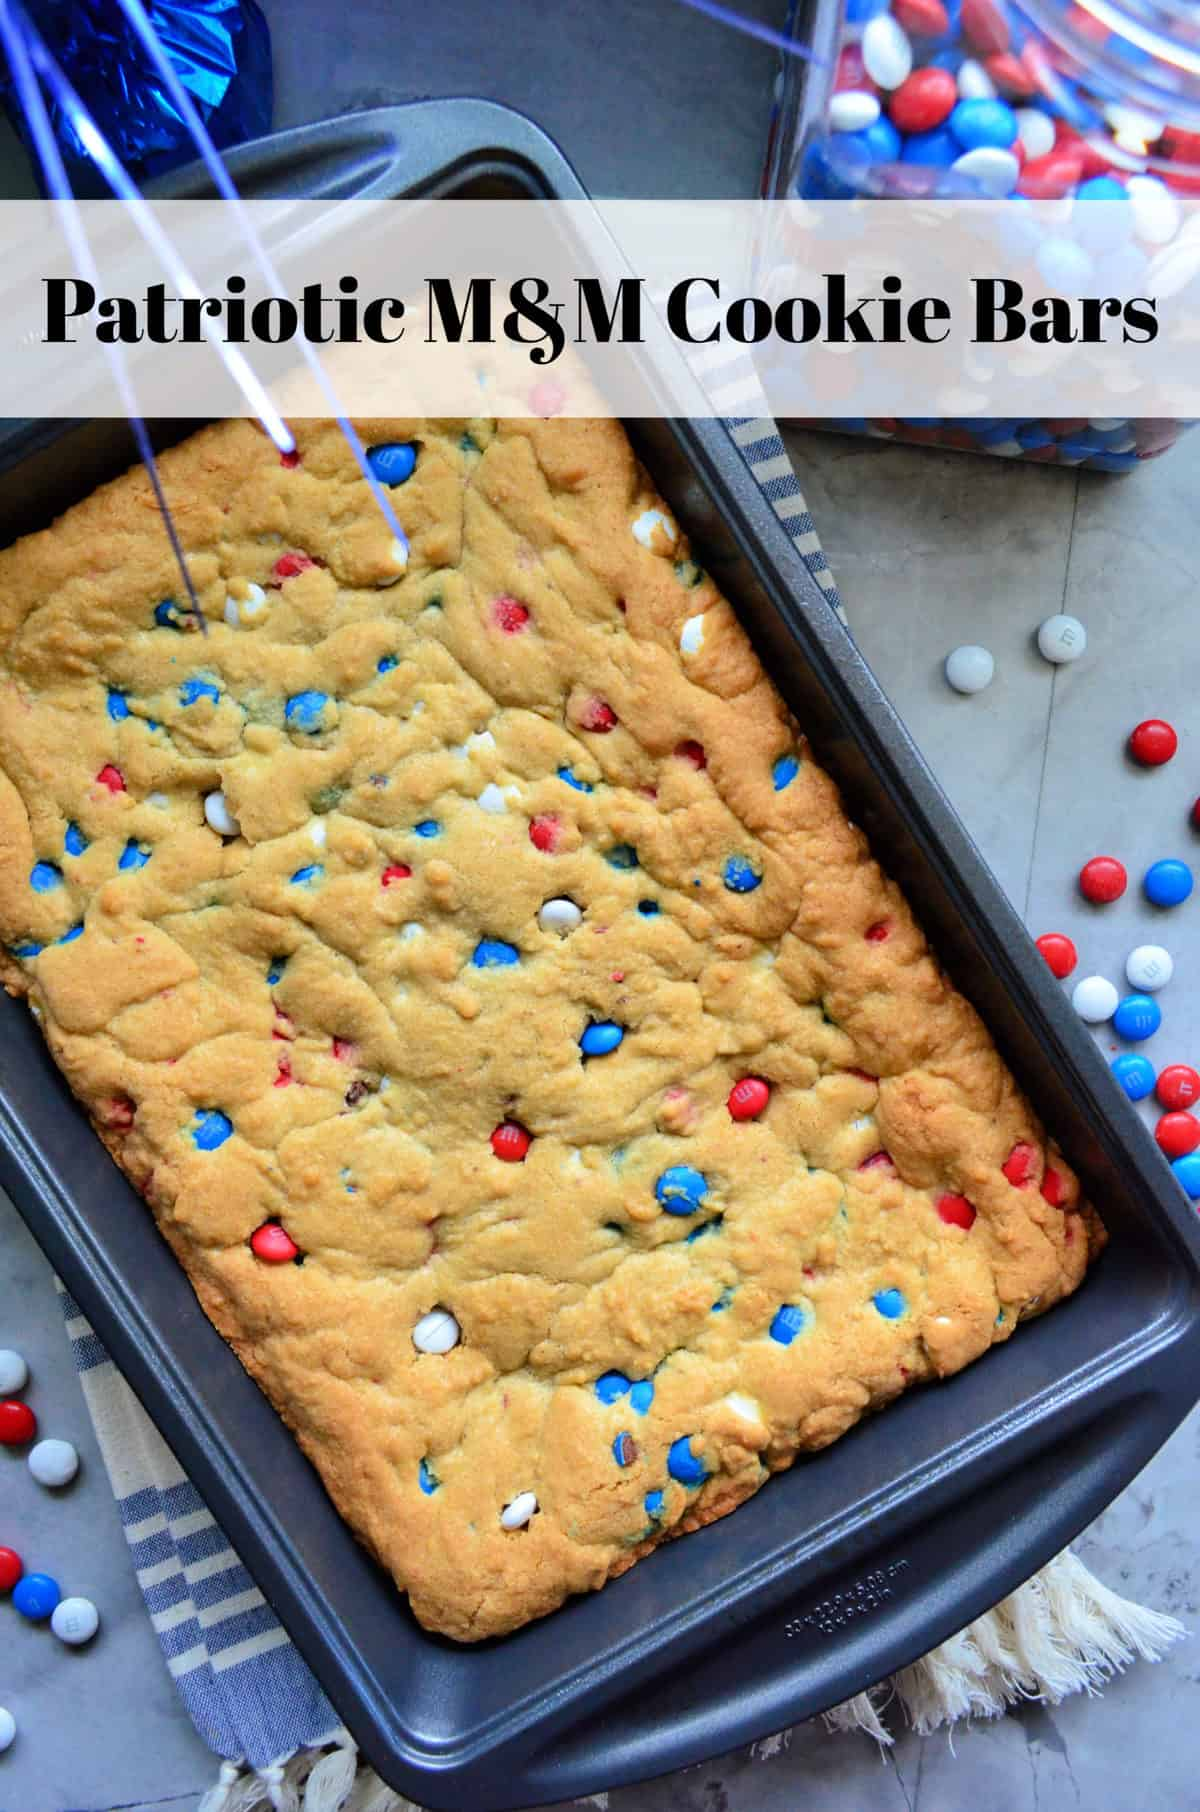 Patriotic M&M Cookie Bars